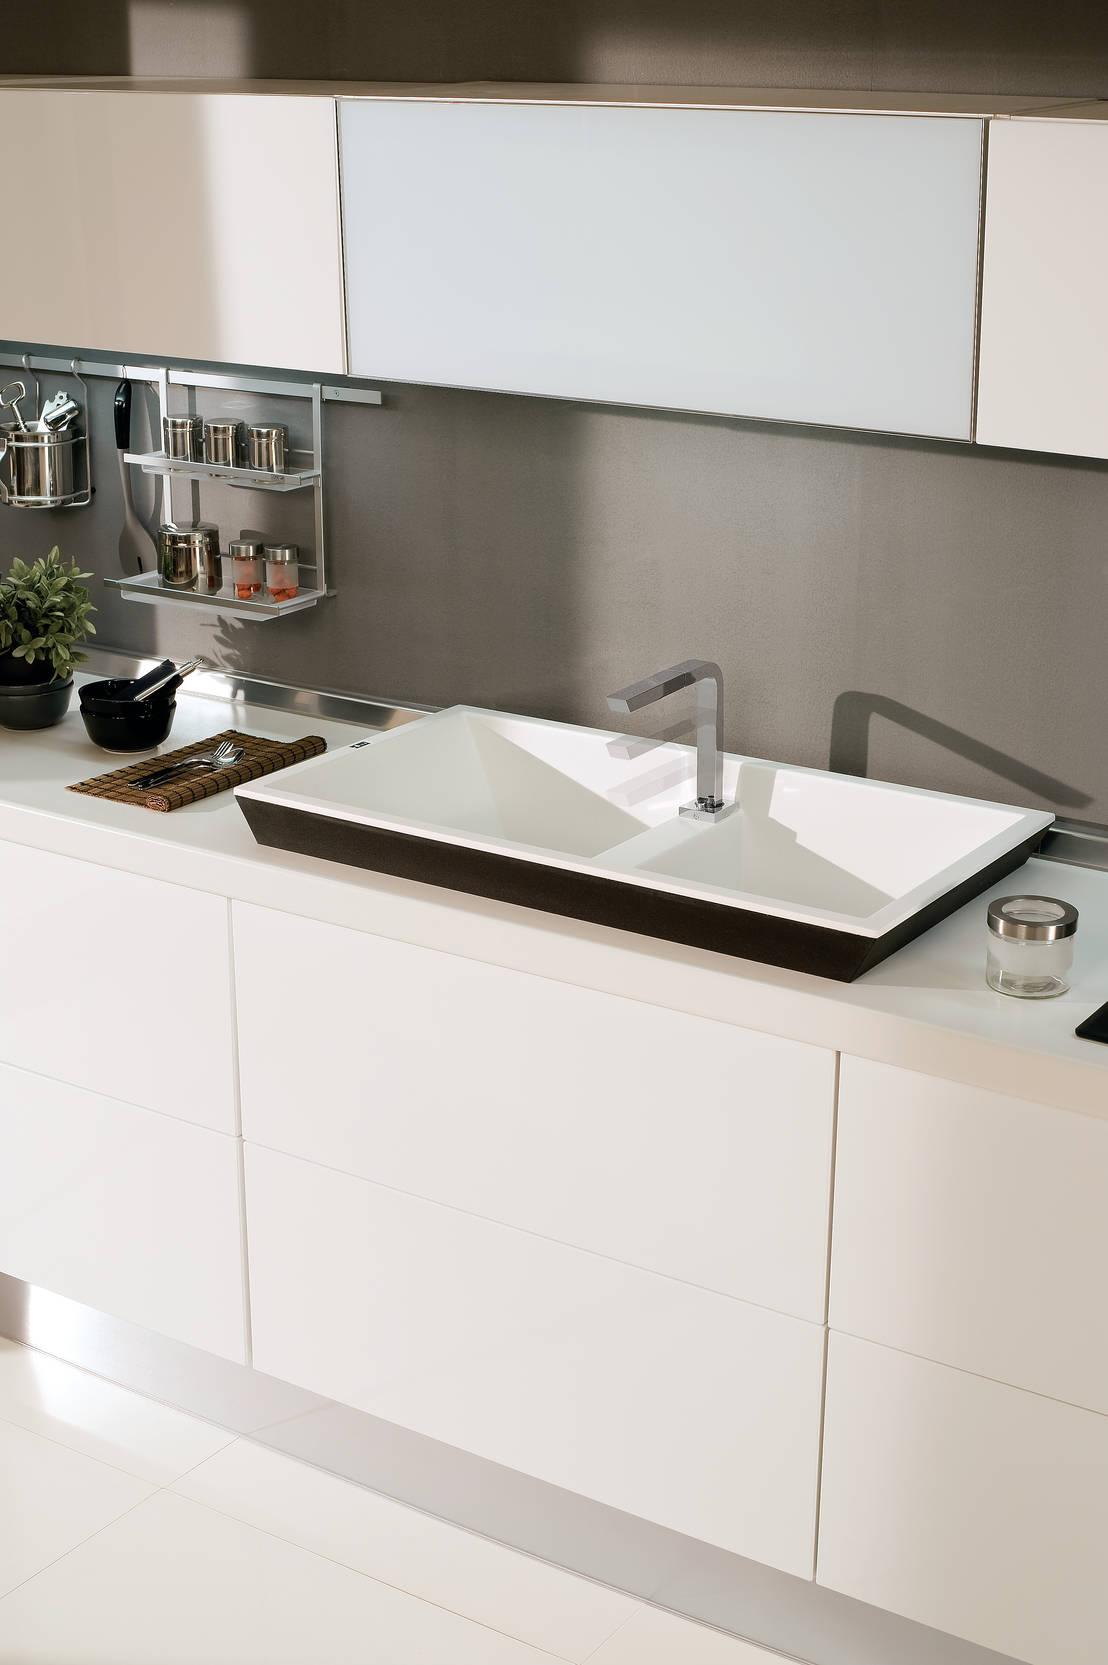 Lavandino cucina quale scegliere - Sifone lavandino cucina ...